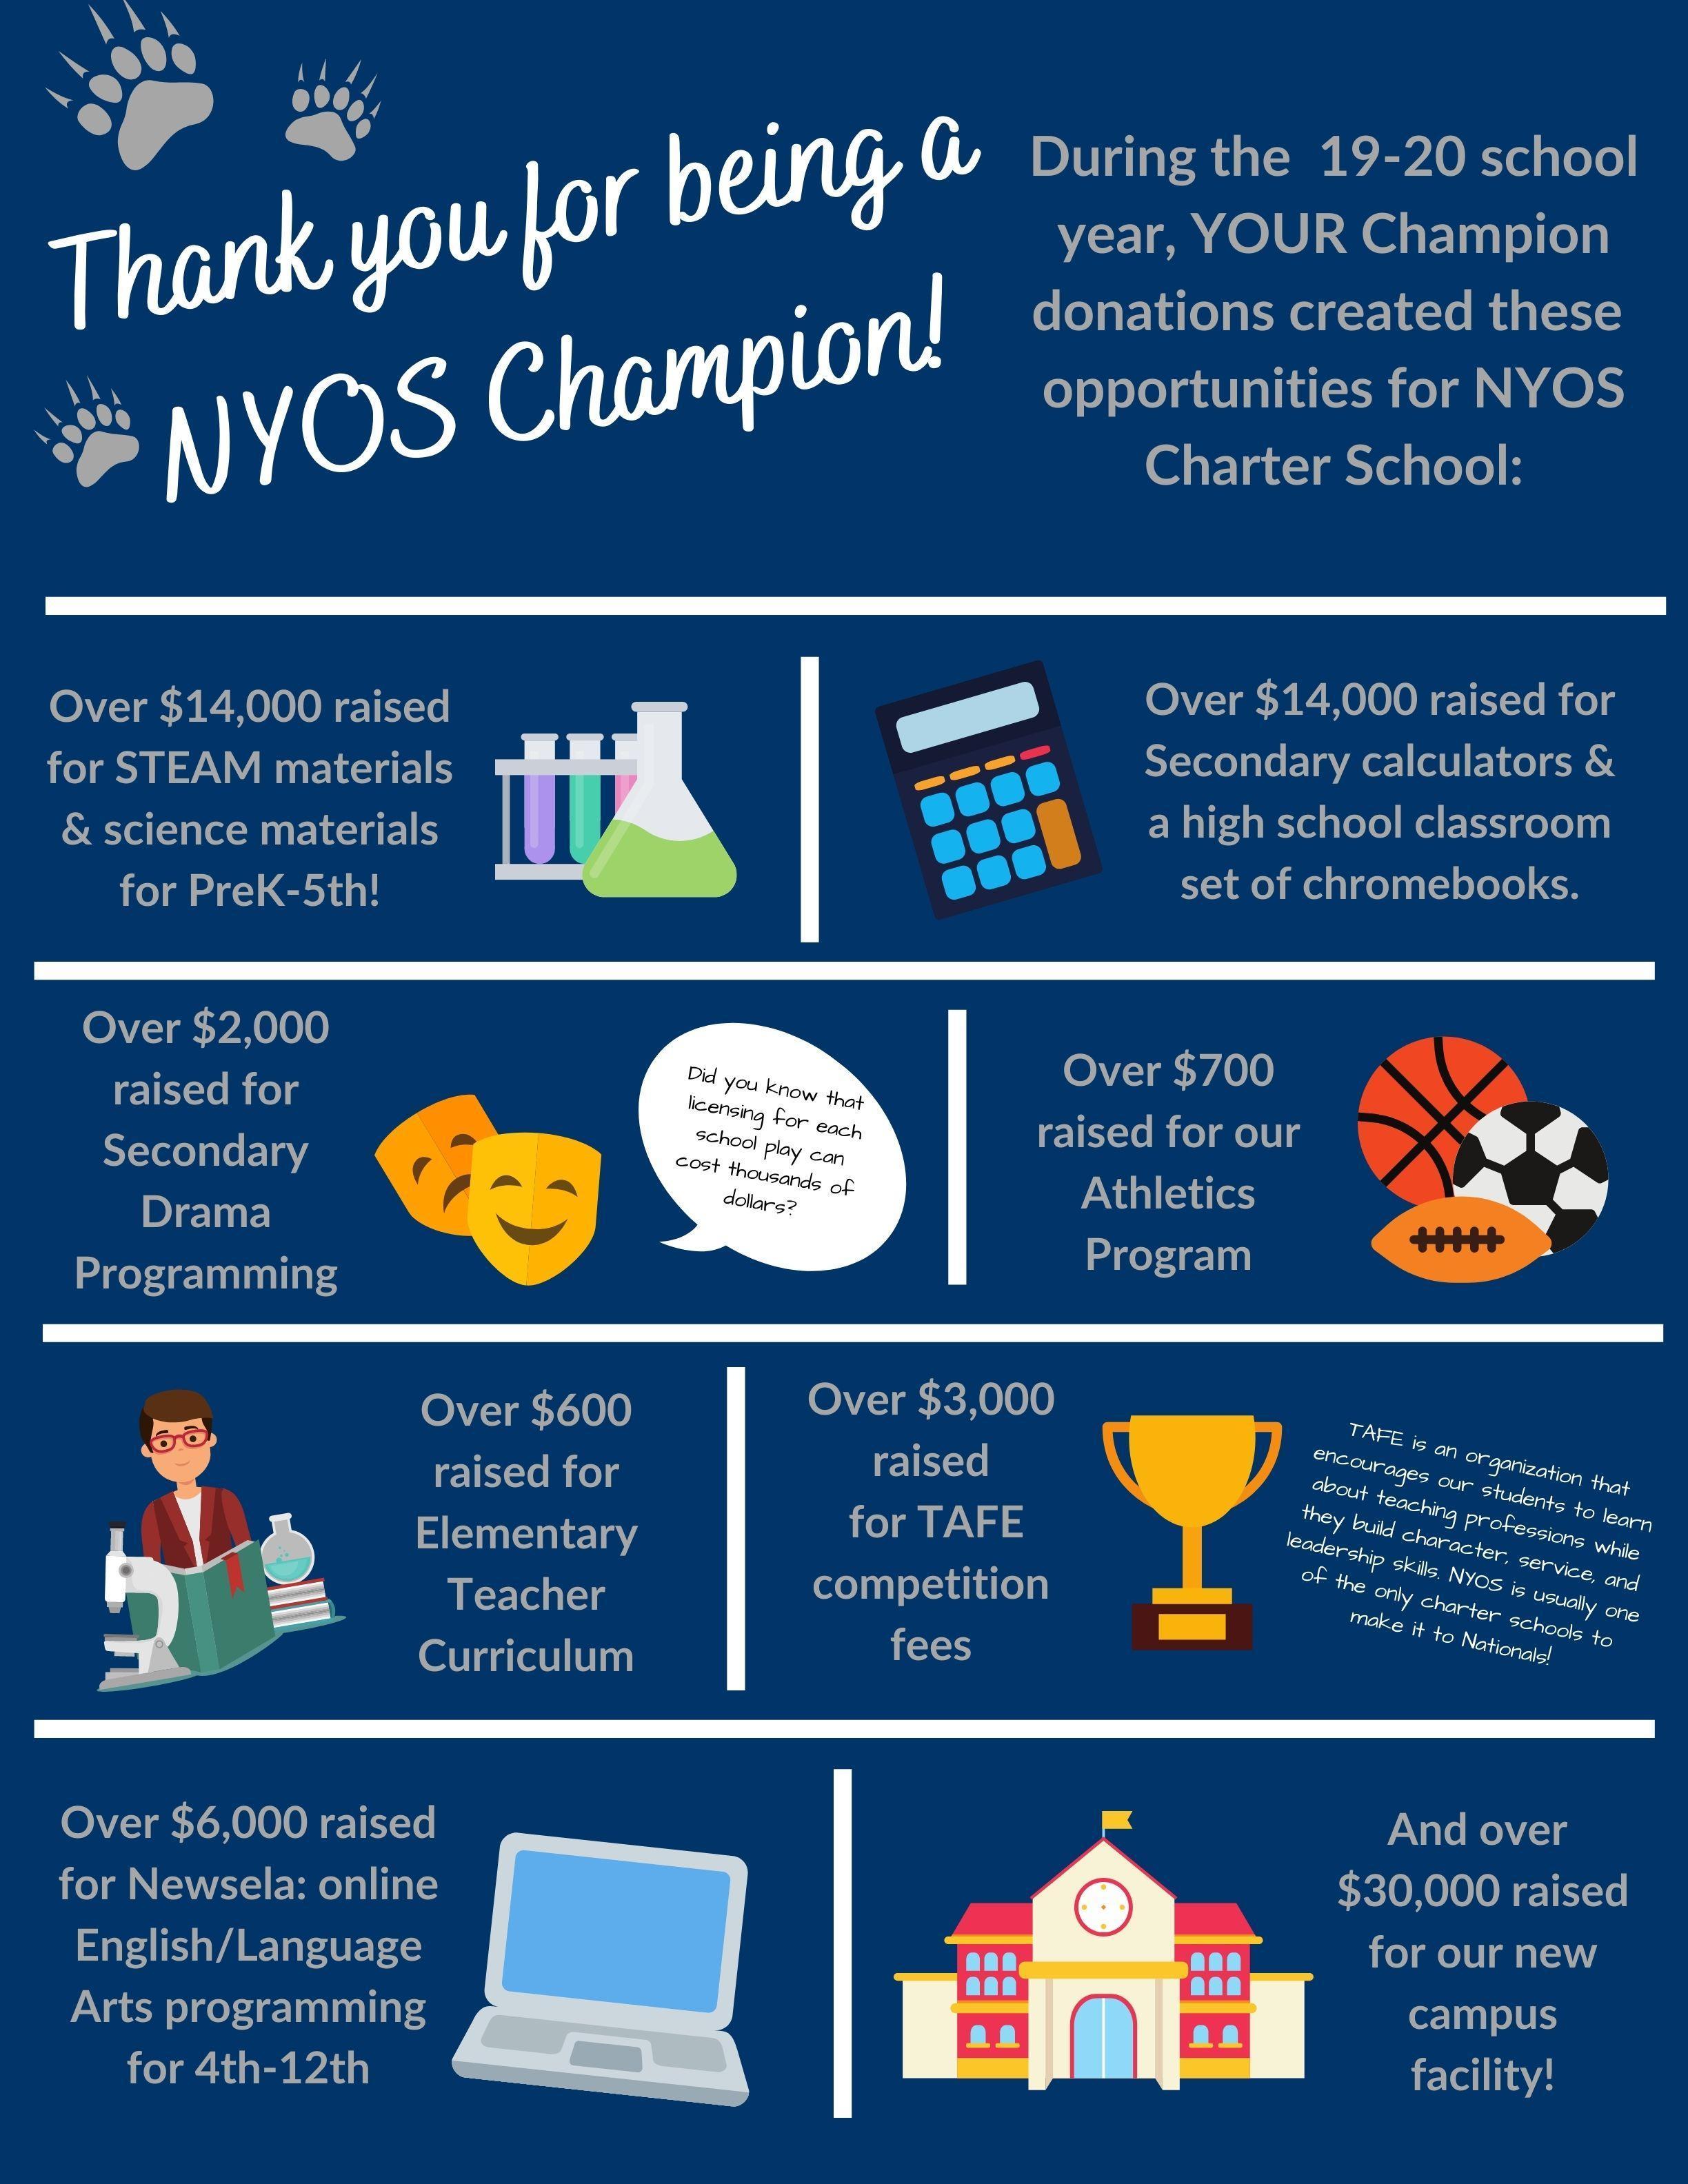 19-20 Champion Donations